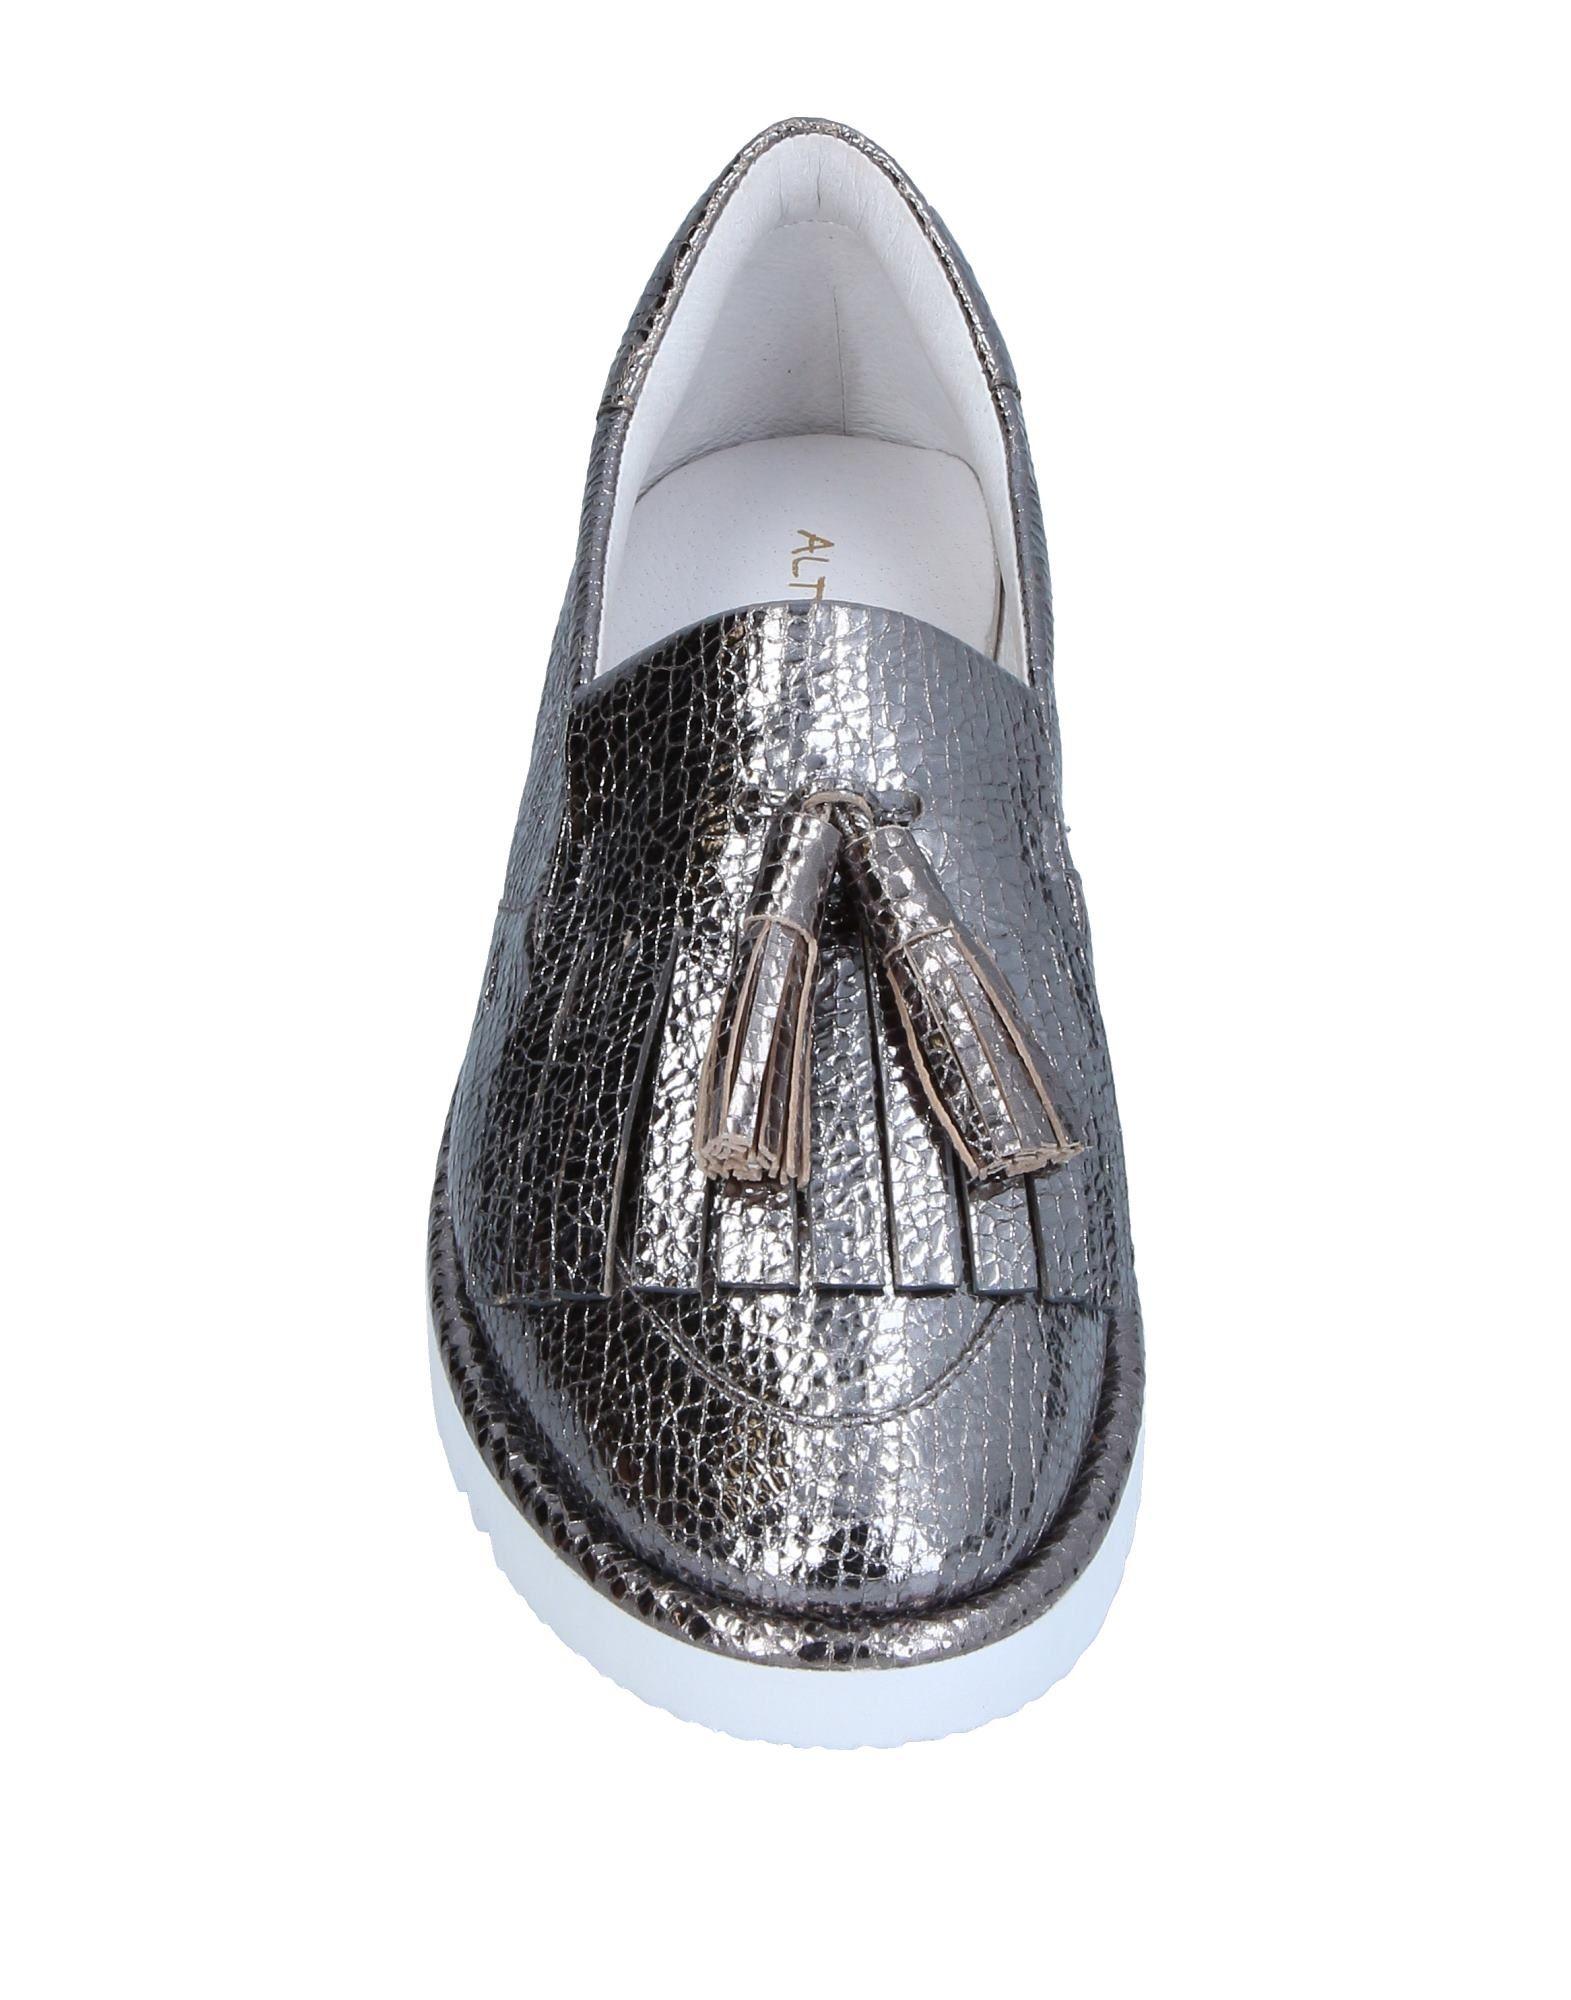 Altraofficina Mokassins Damen  11371902IX 11371902IX 11371902IX Gute Qualität beliebte Schuhe 310ba6